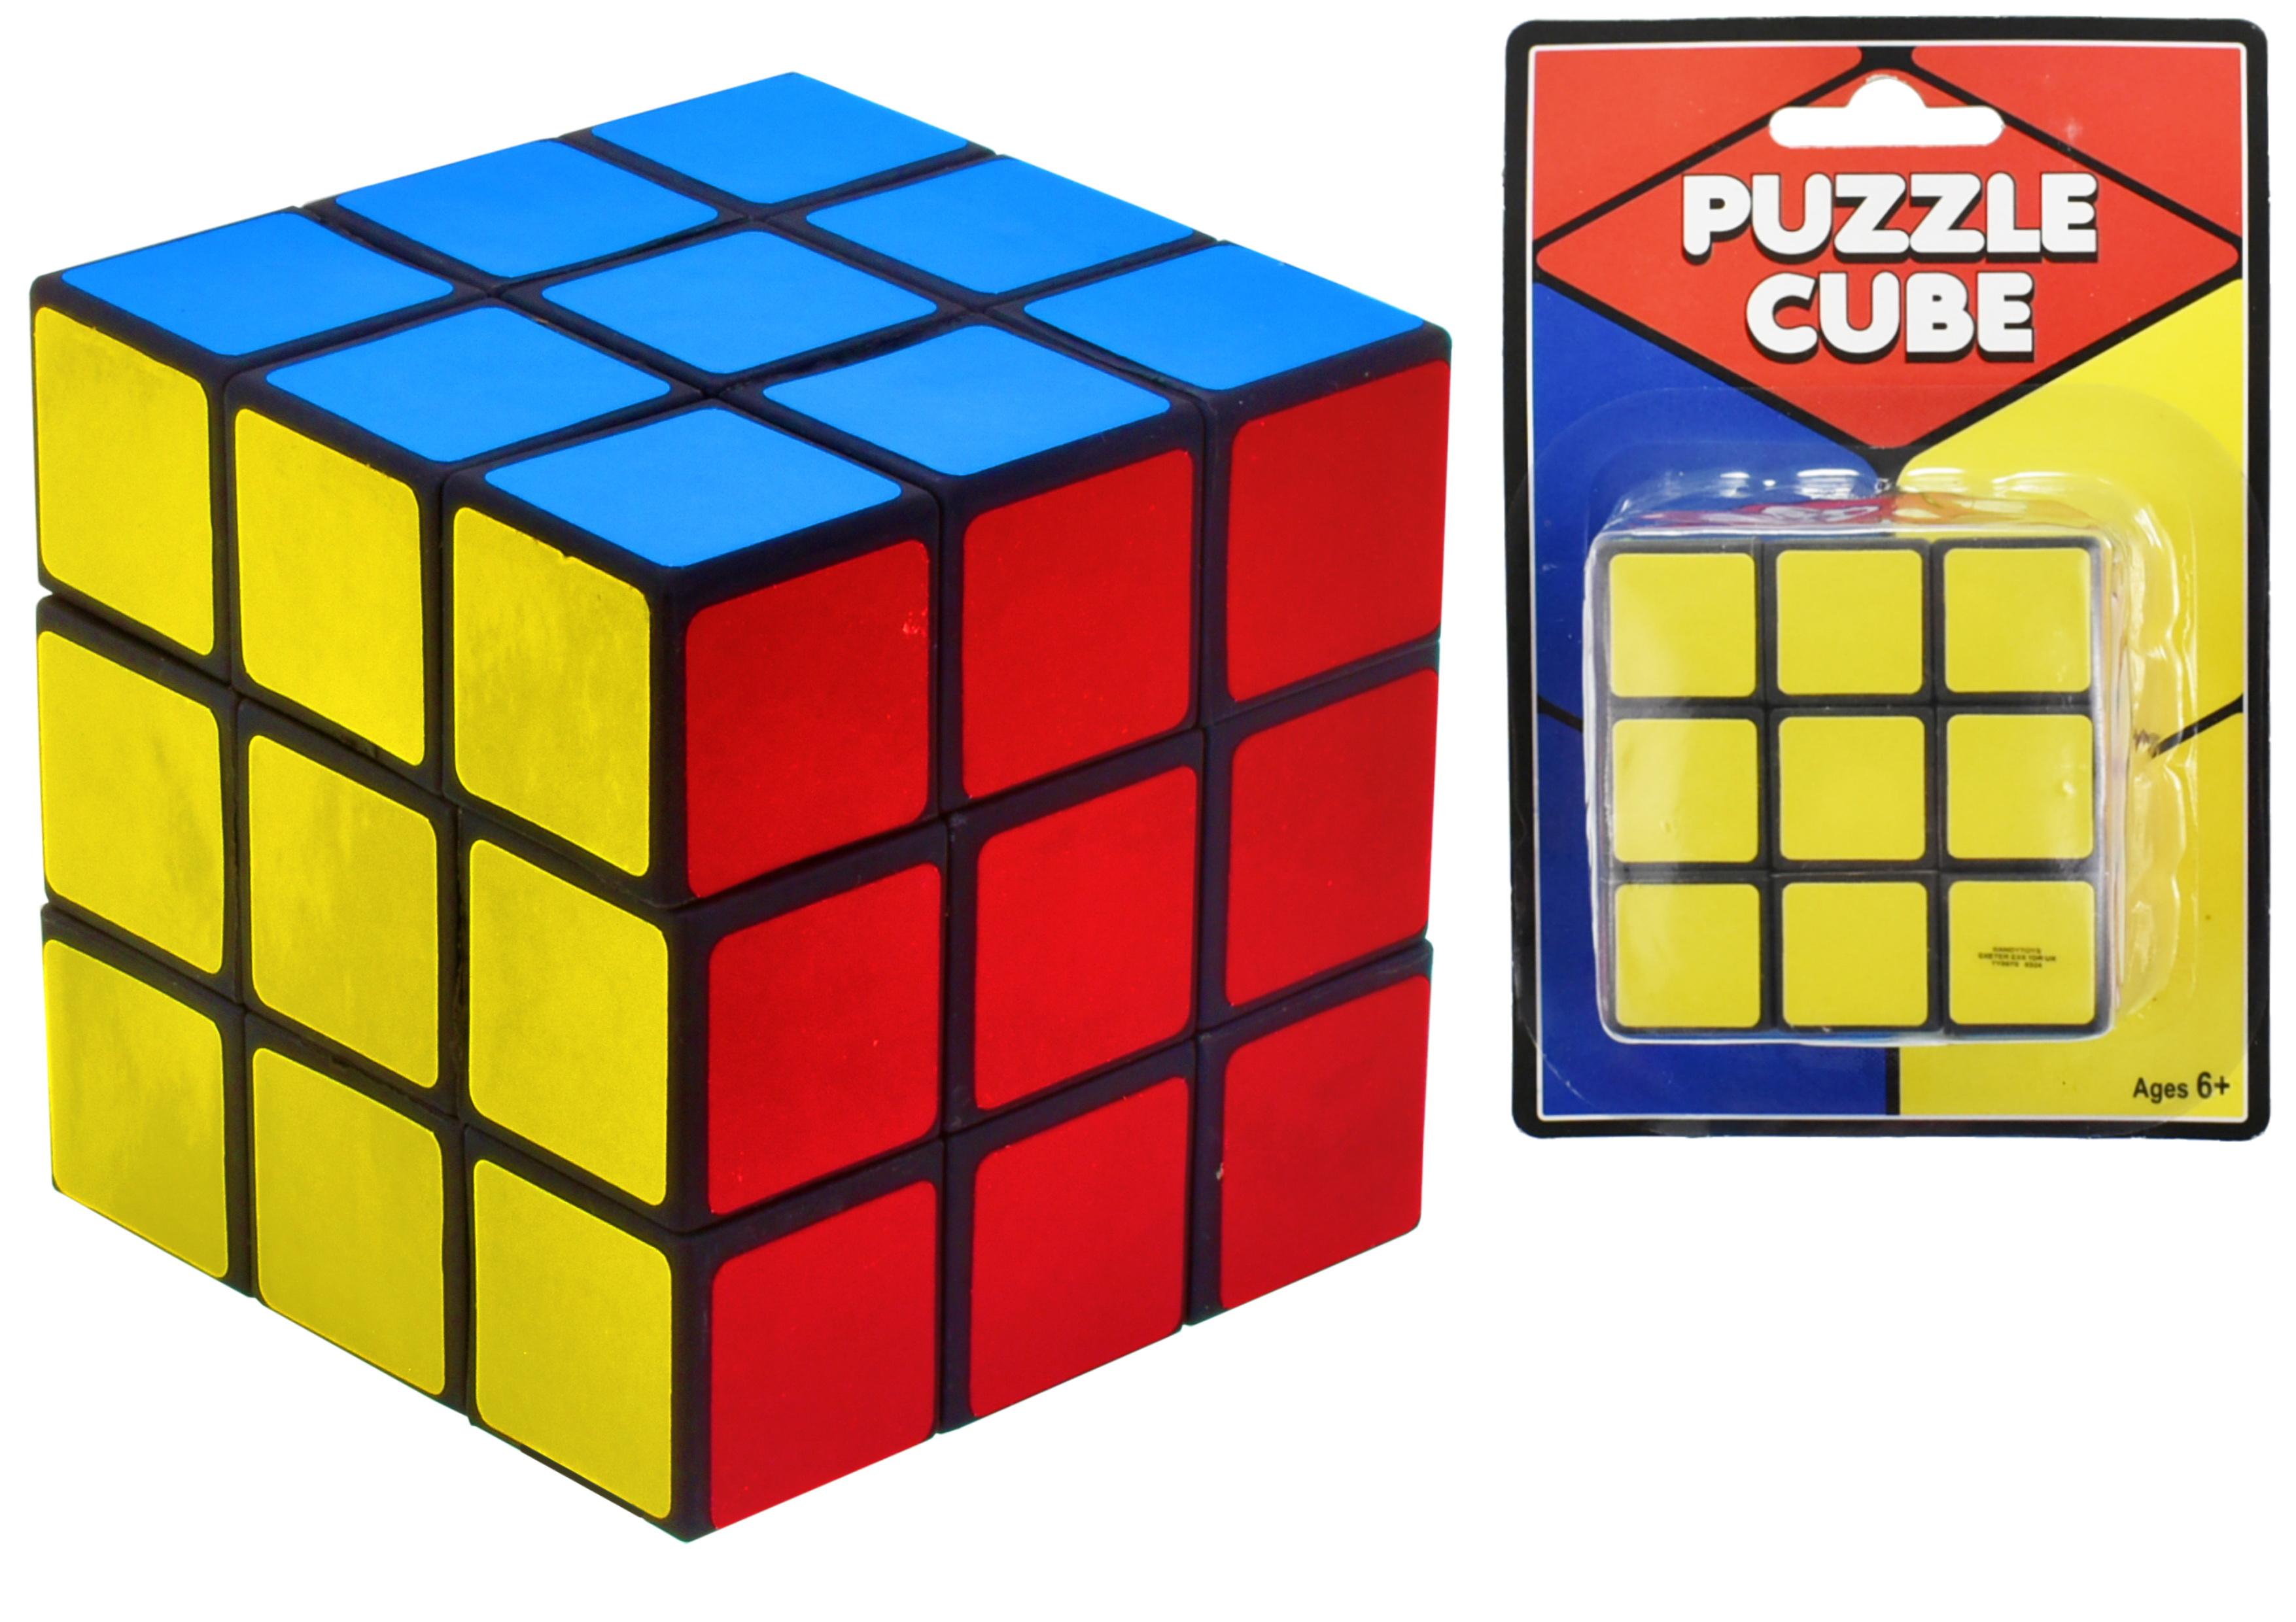 6.5cm x 6.5cm Puzzle Cube - Blistercard